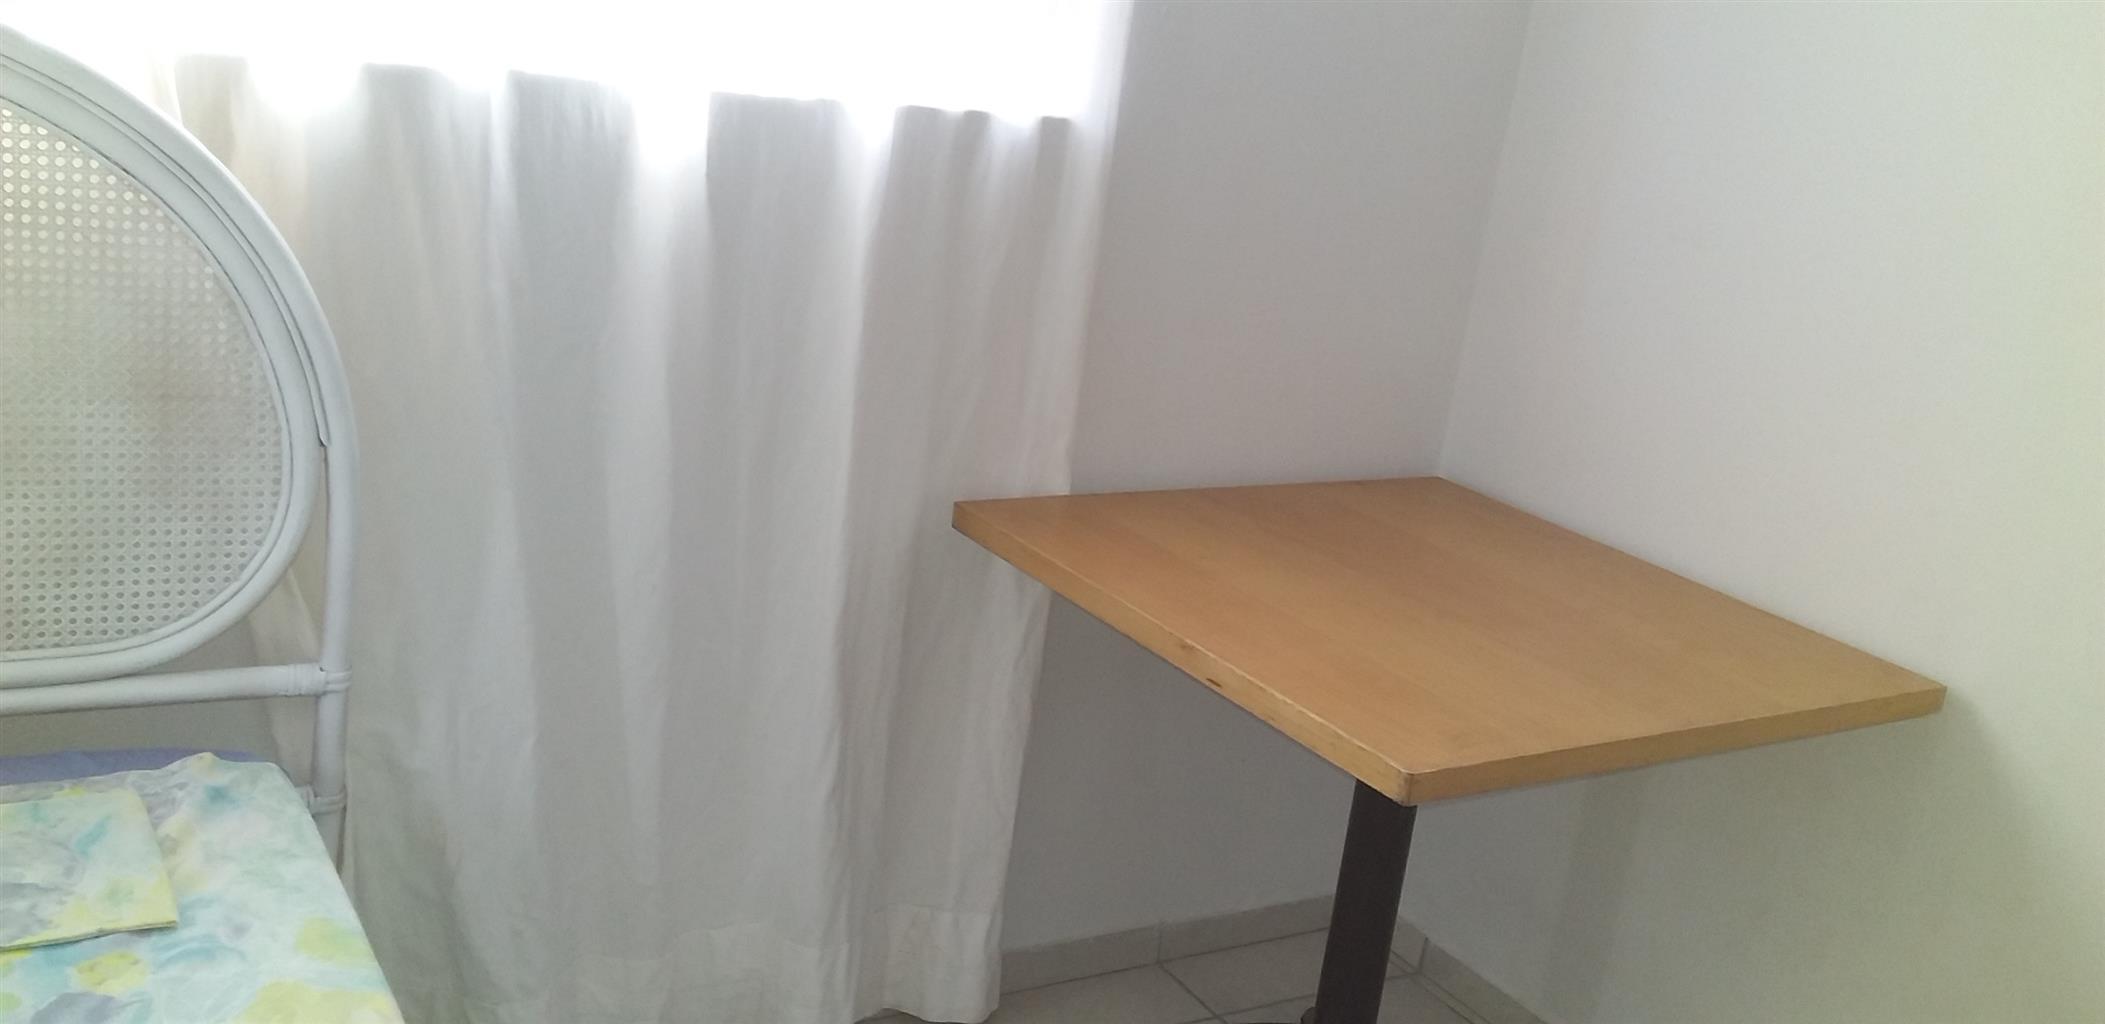 2 BED ROOMED RENOVATED BRICK HISTORICAL WORKER'S HOUSE  IN UILENKRAALSMOND GANSBAAI. WC.